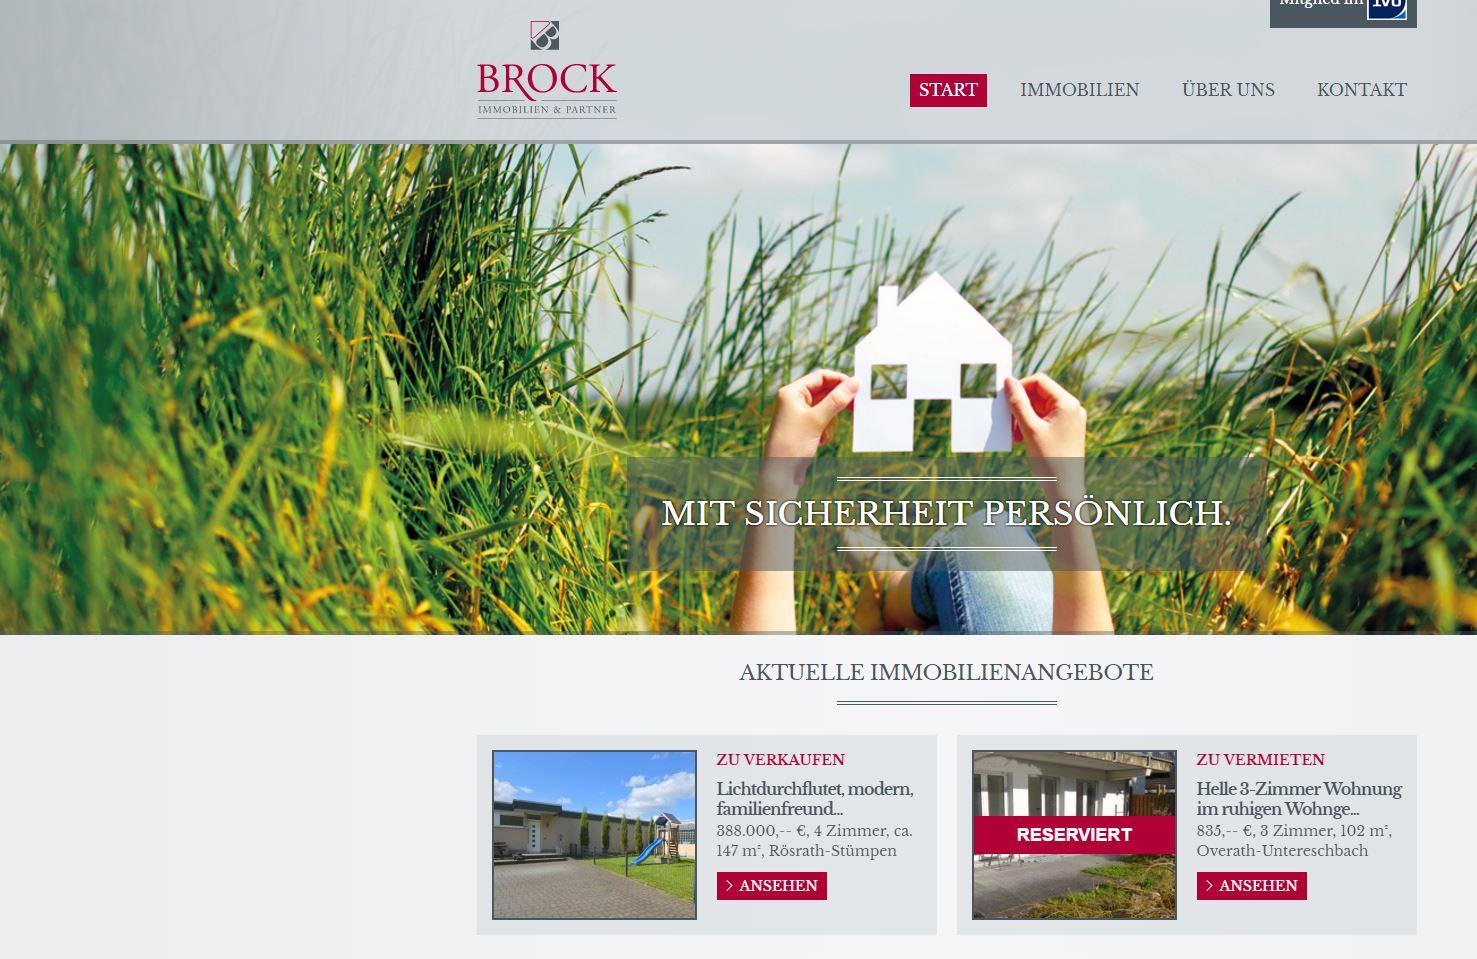 brock-immobilien